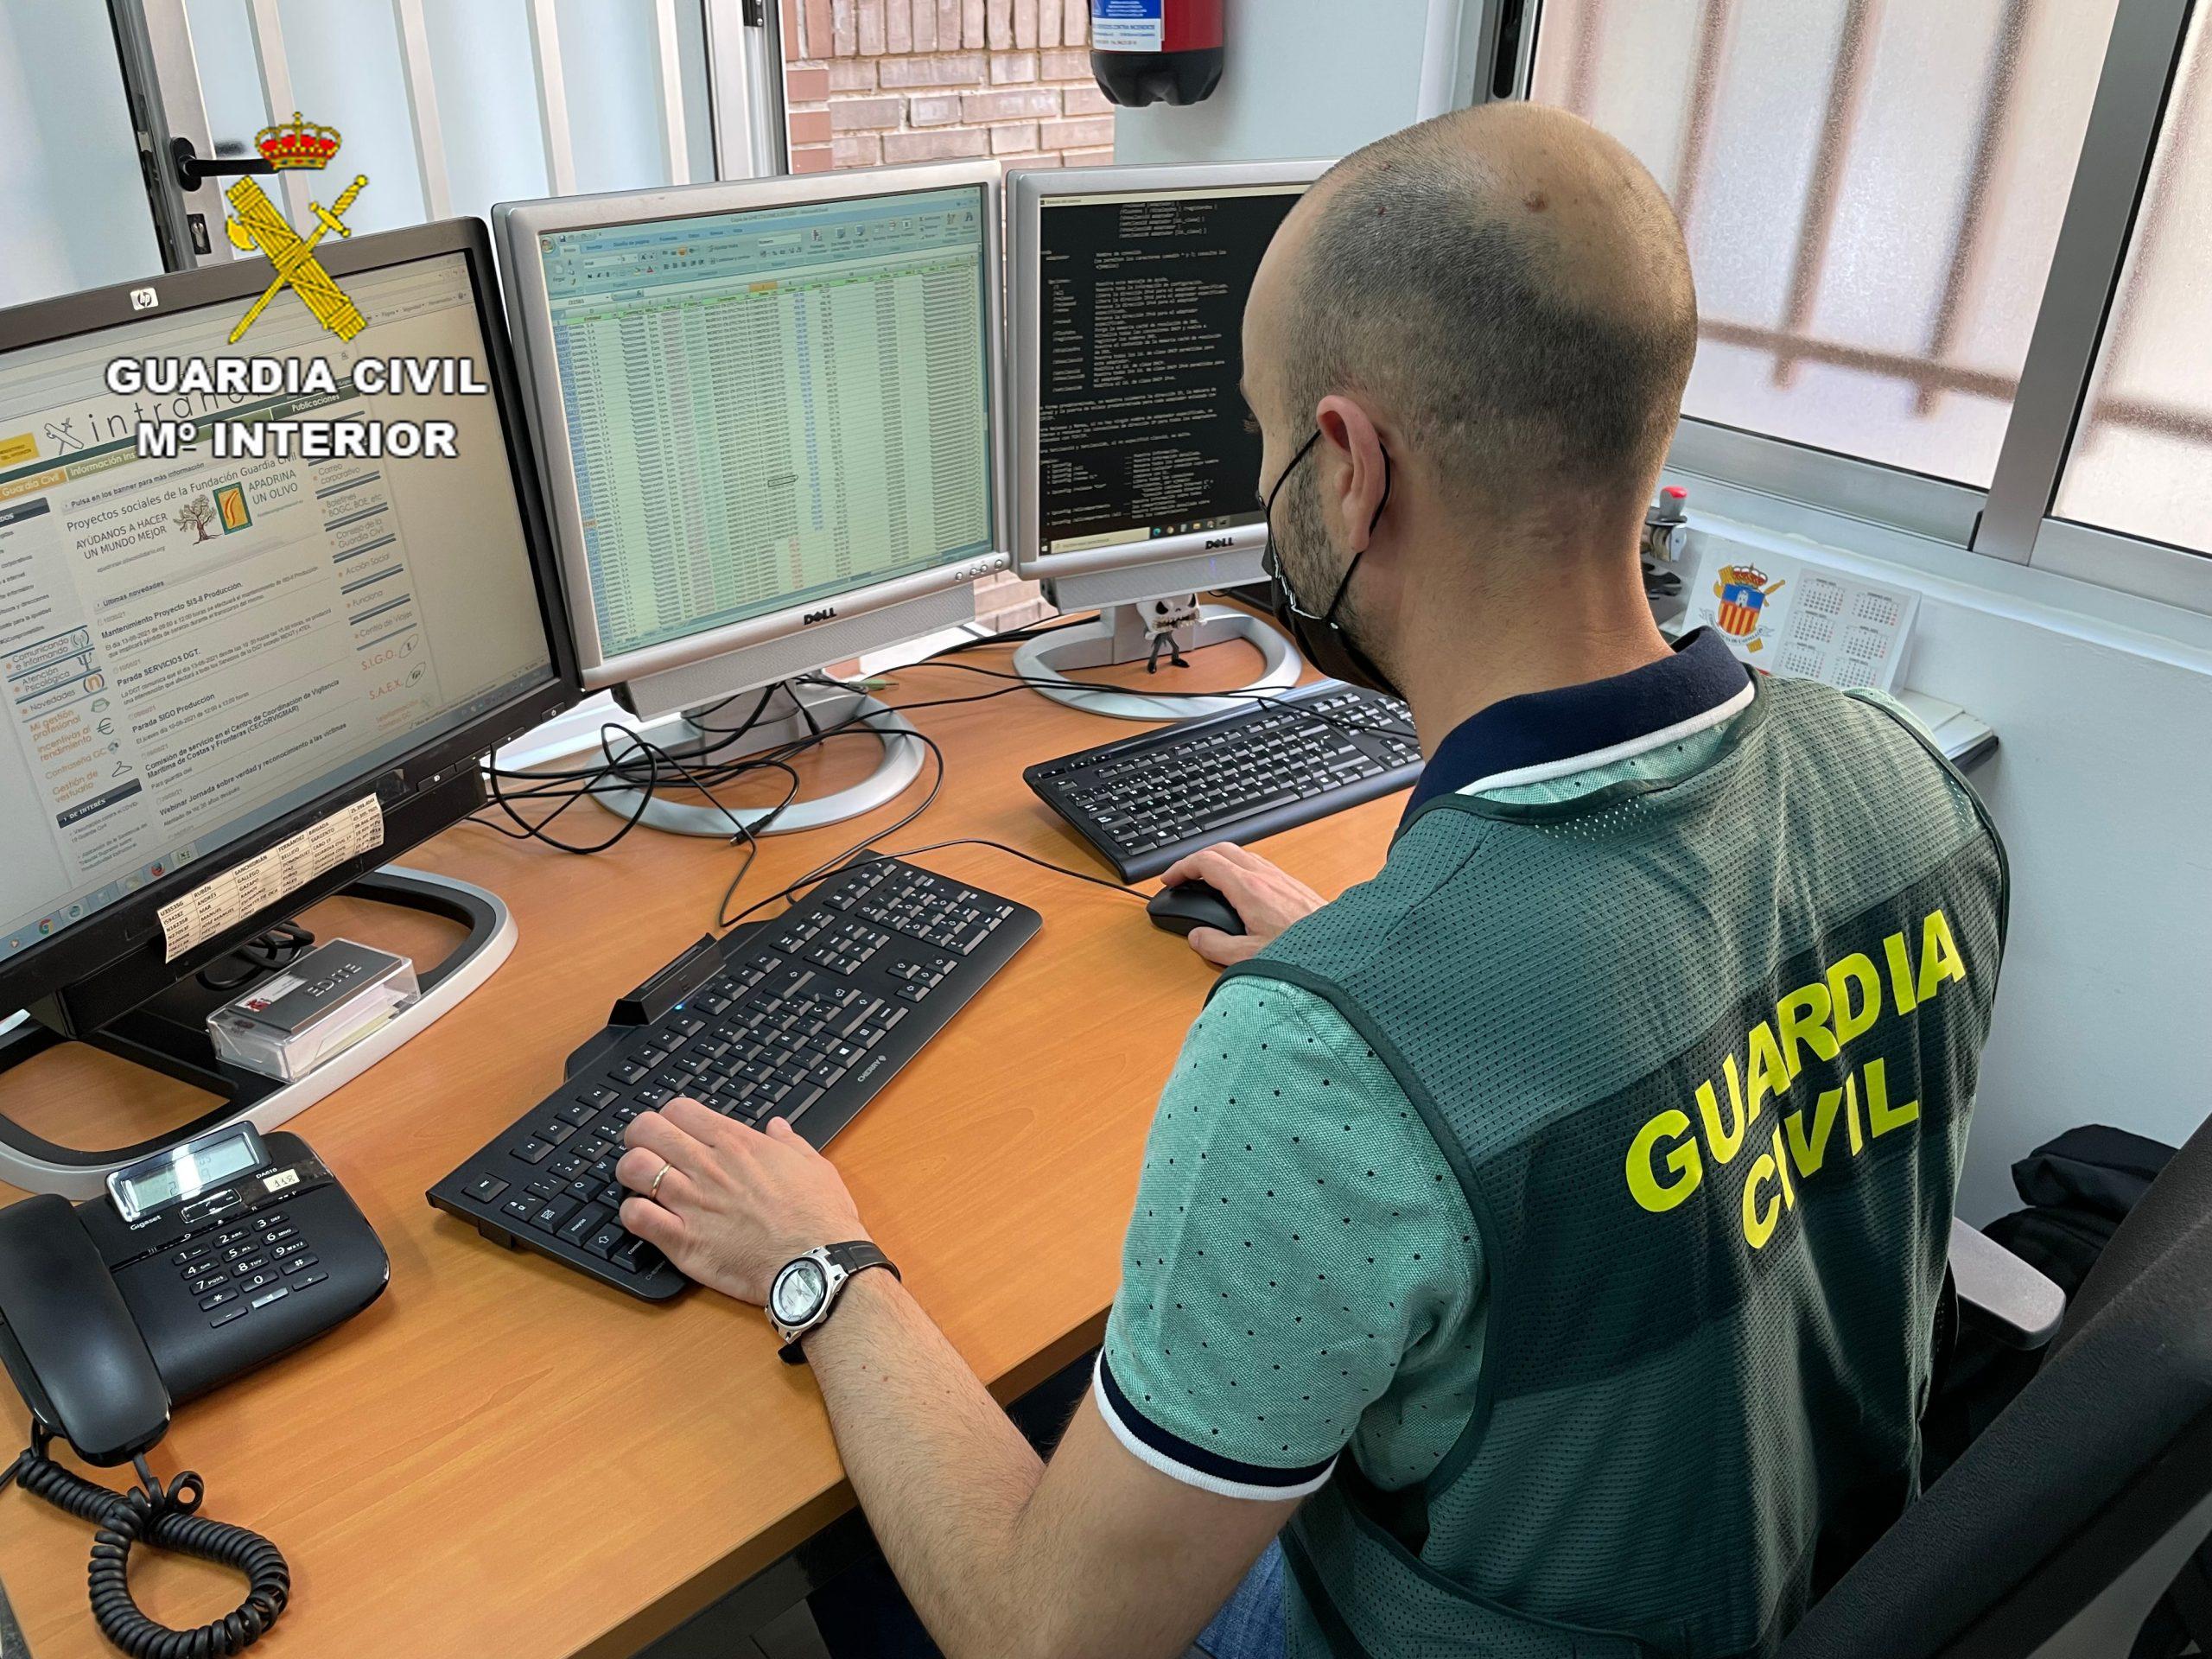 La Guardia Civil de Castellón desmantela una organización criminal especializada en estafas y blanqueo de capitales en el Alto Palancia y la Vega Baja